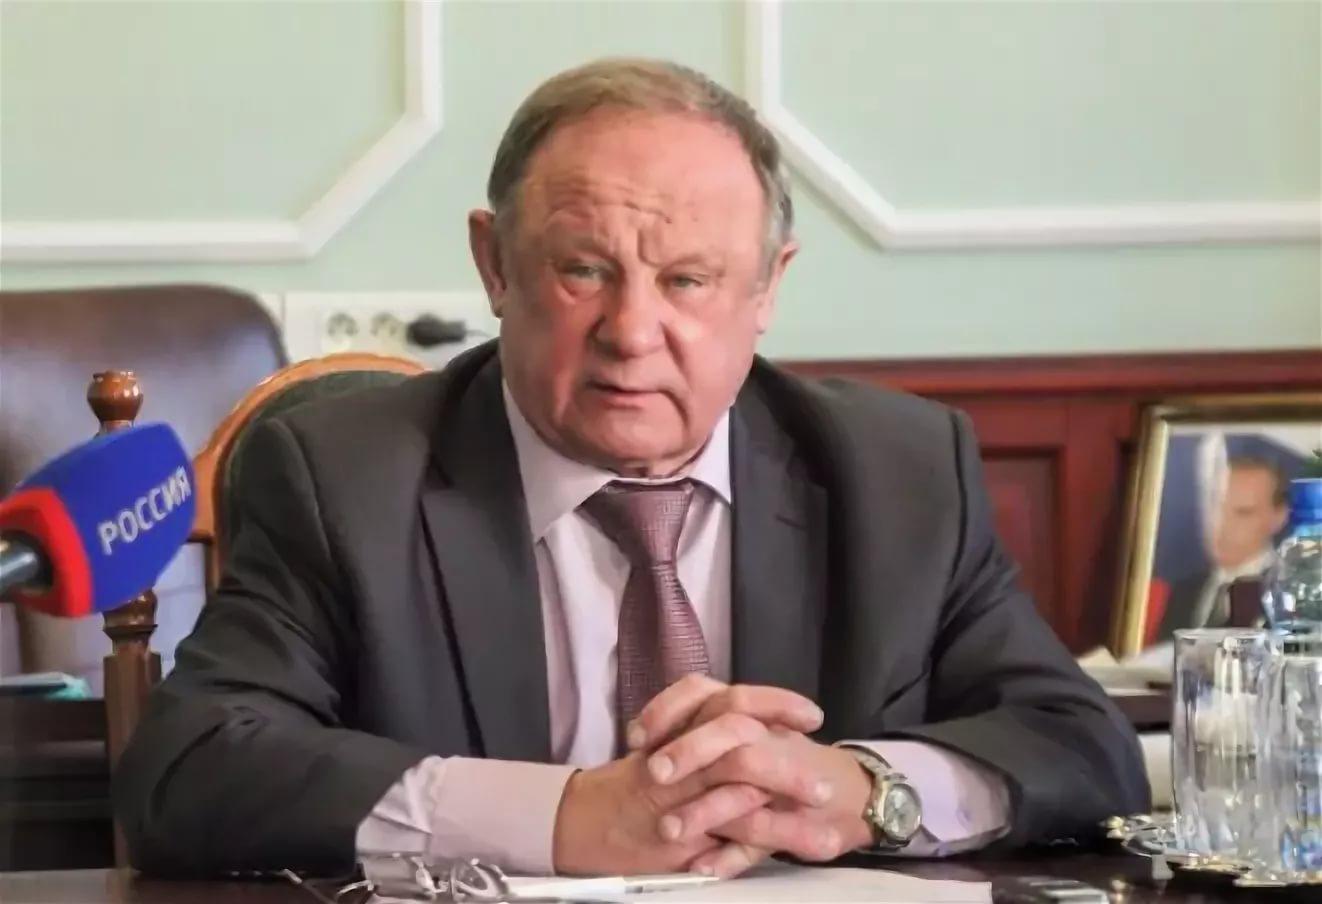 Экс-мэр Горно-Алтайска получил 4 года условно по двум уголовным статьям